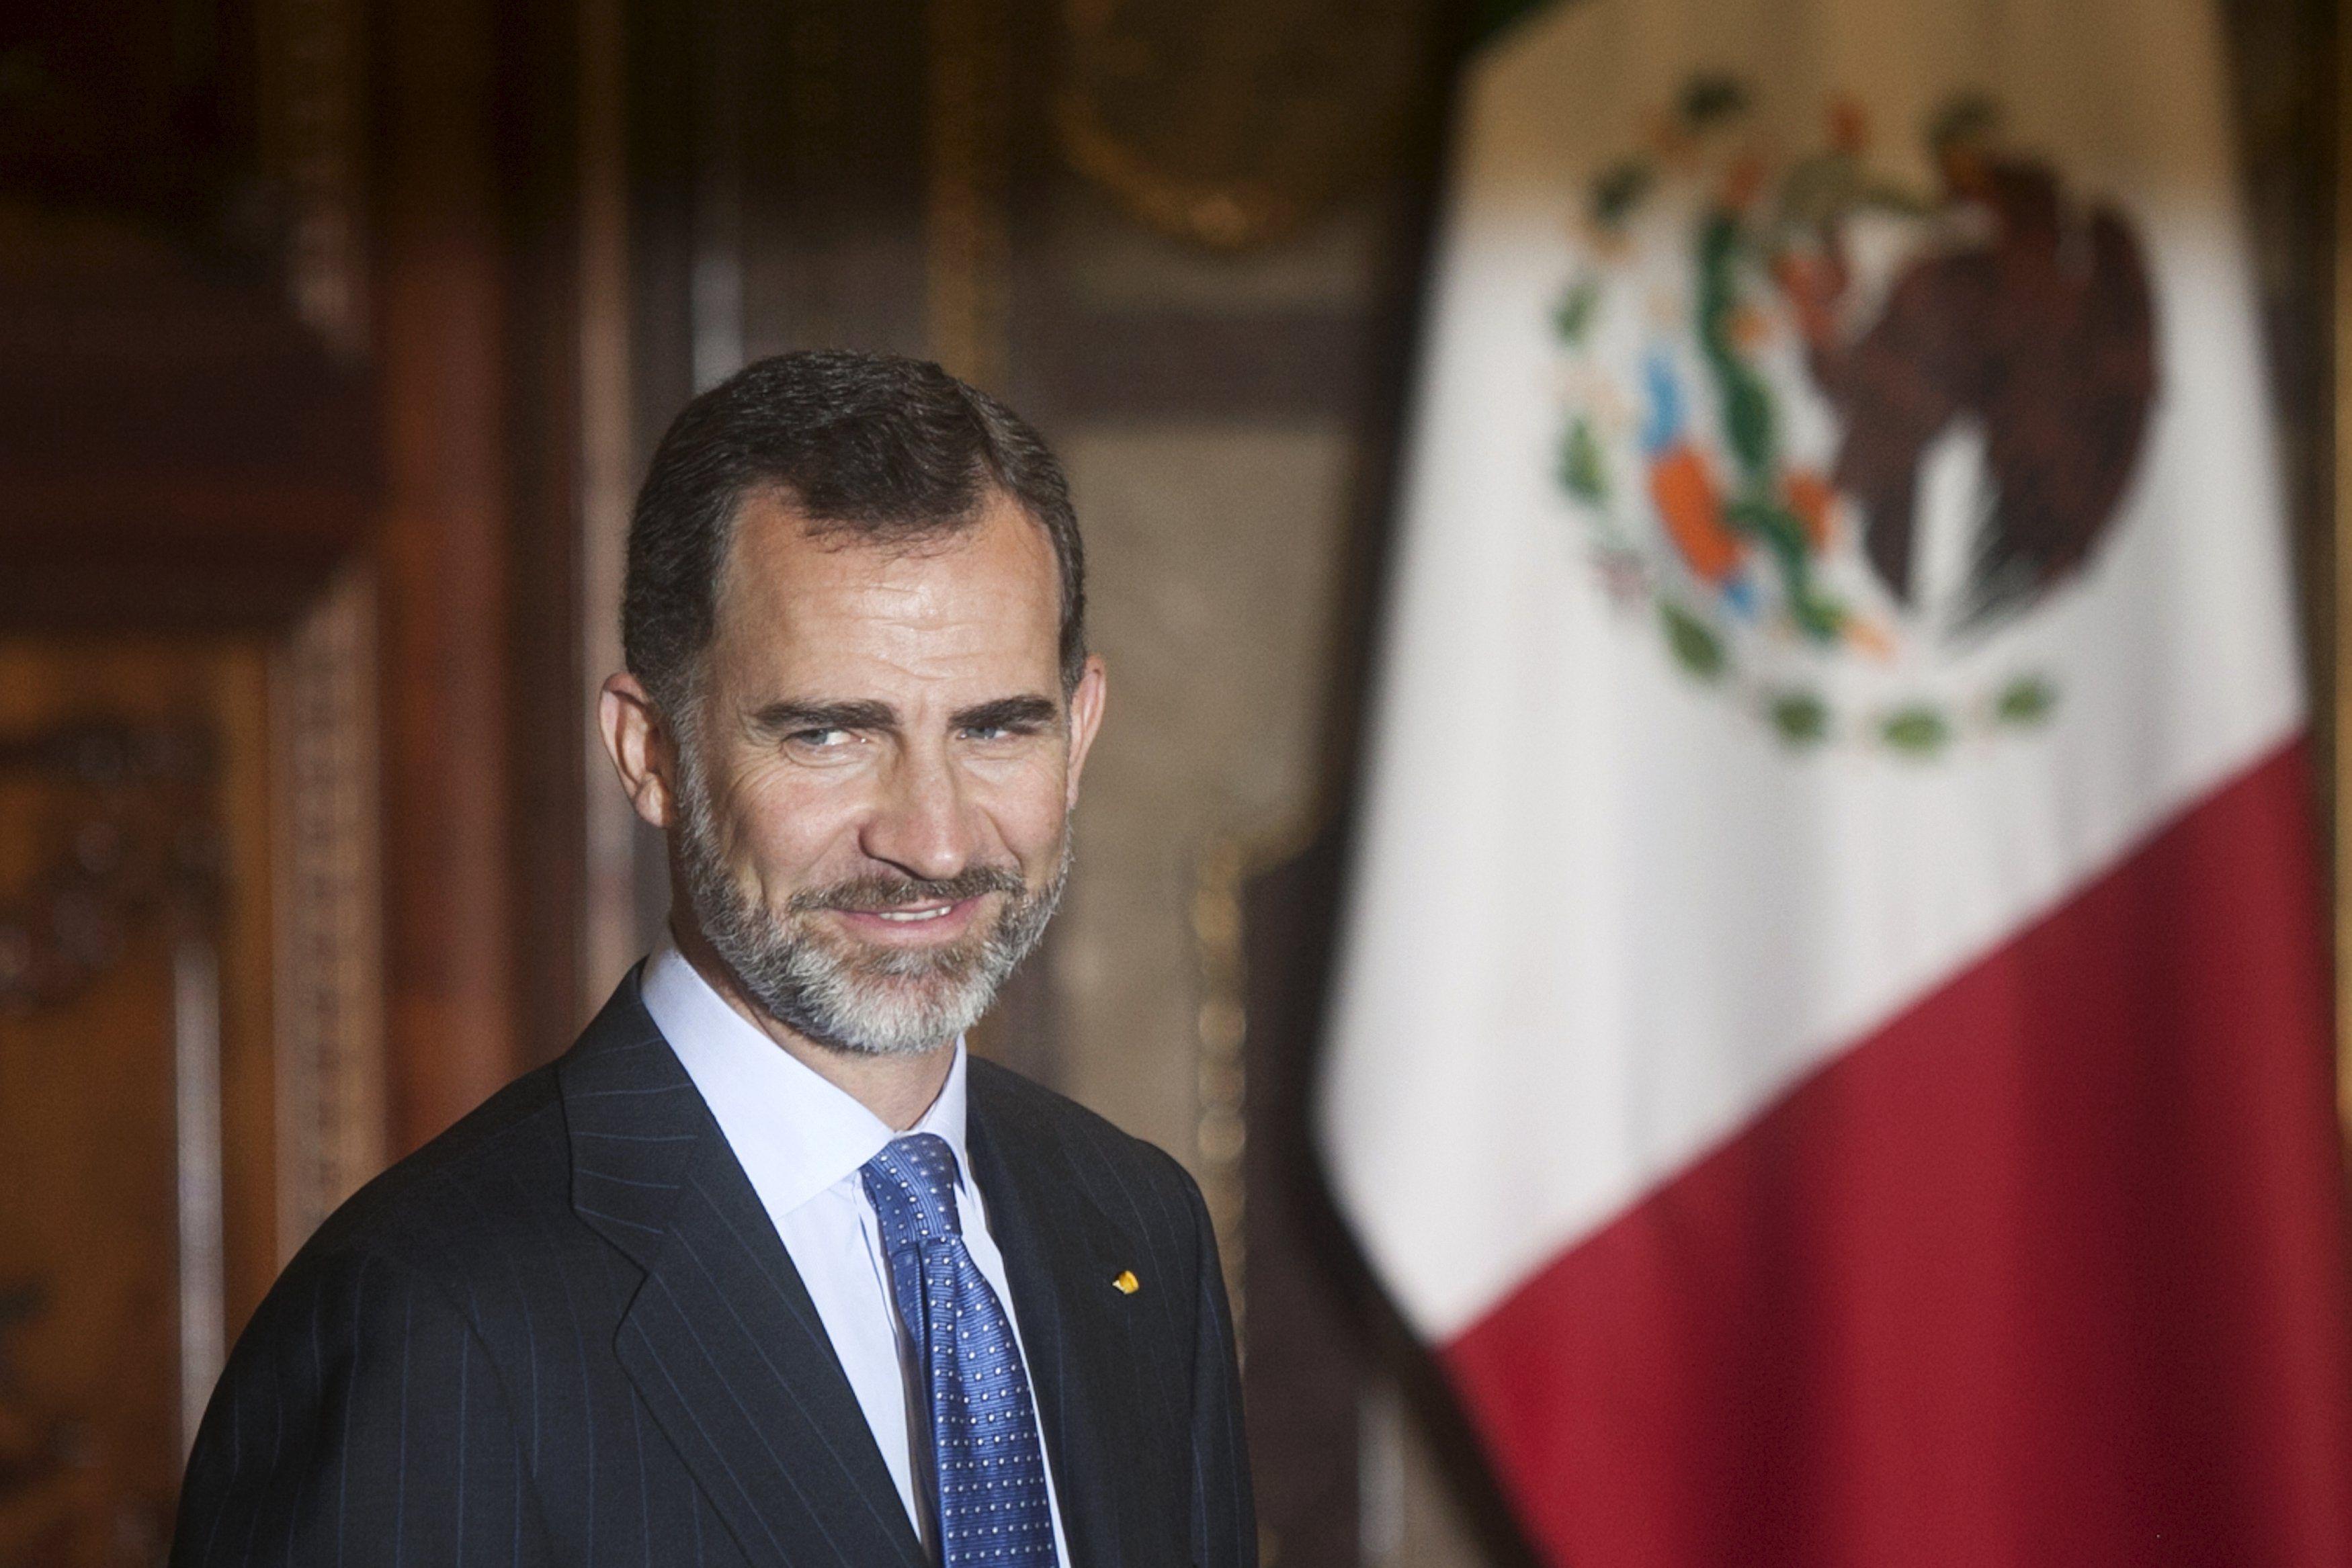 Foro Hispanico de Opiniones sobre la Realeza: Reunión de Enrique Peña Nieto, Presidente de México con Don Felipe VI, Rey de España, en el Palacio Presidencial Los Pinos, Mexico DF. 29.06.2015